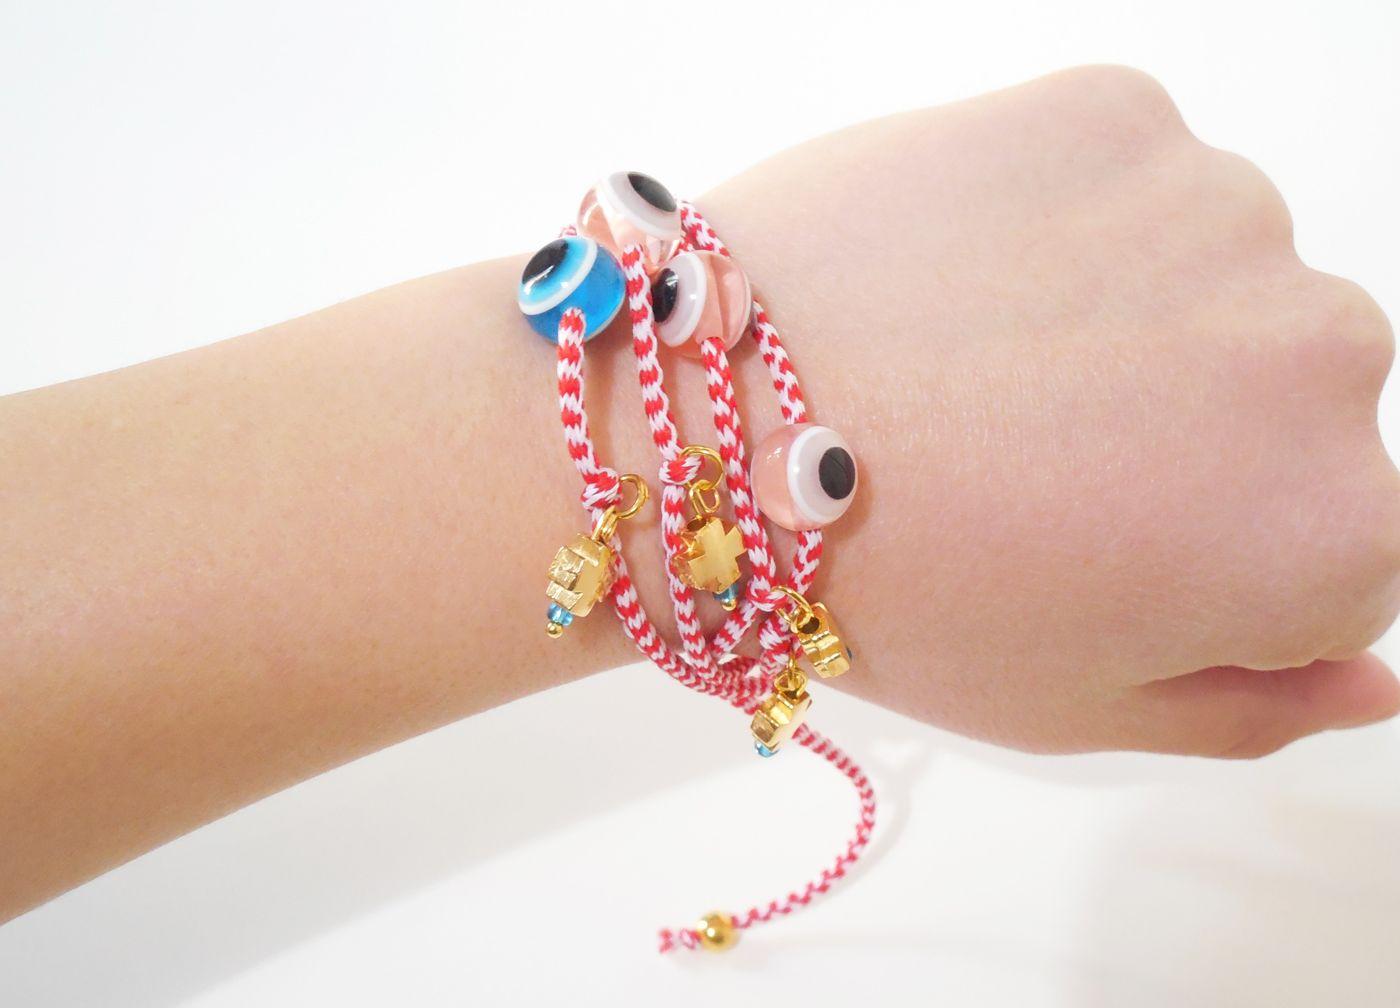 Zen colouring tesco - Ze Ze Ze Zen Colouring Magazine Tesco March Bracelet Martis Red Cord Bracelet Greek Bracelet